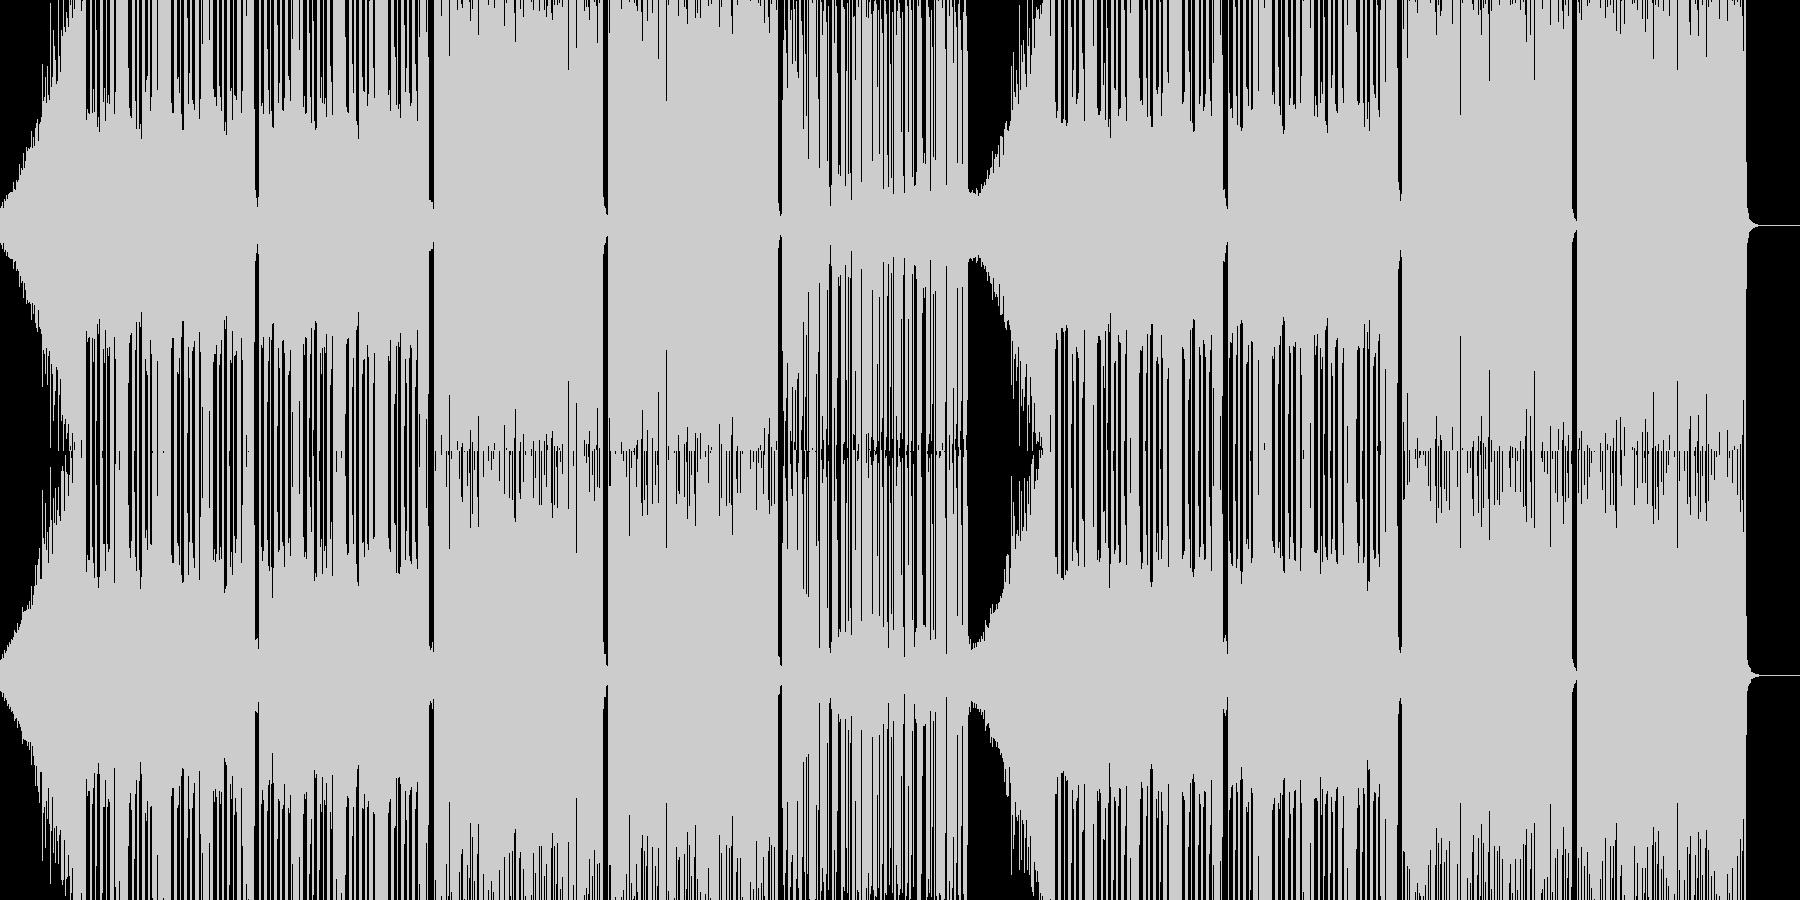 dubstep edmの要素をふんだん…の未再生の波形